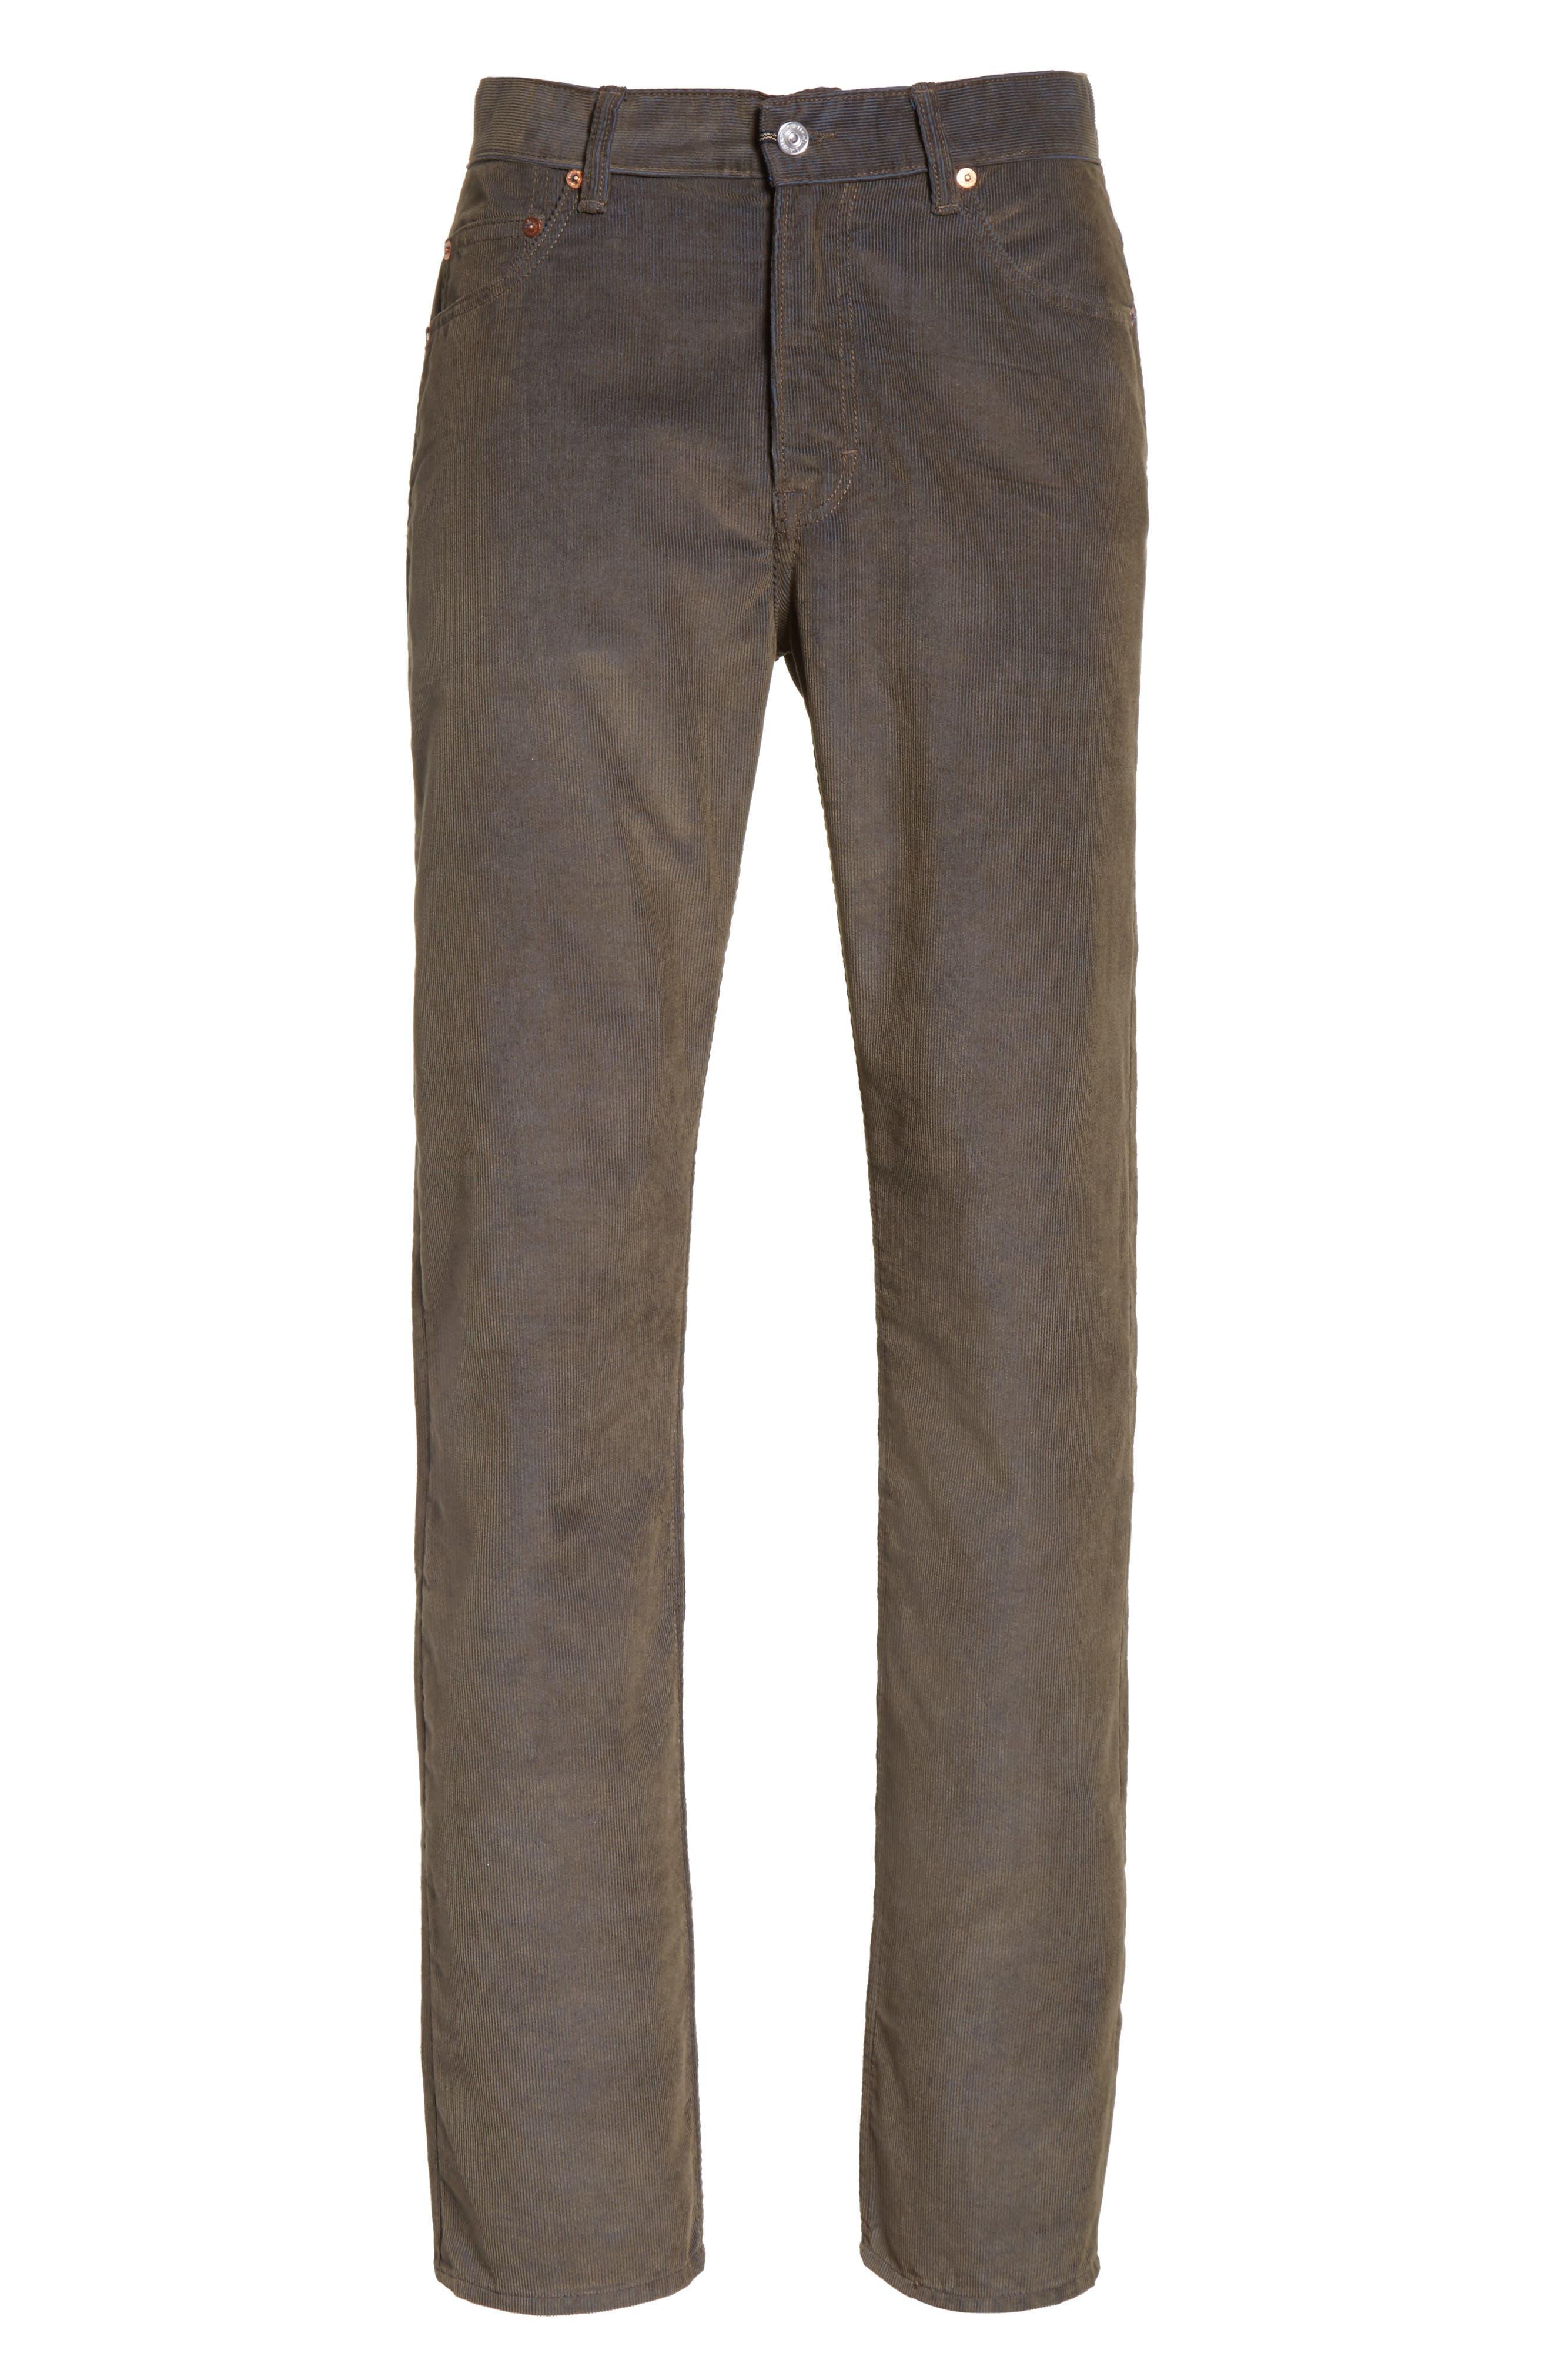 Second Cut Sludge Corduroy Pants,                             Alternate thumbnail 6, color,                             301